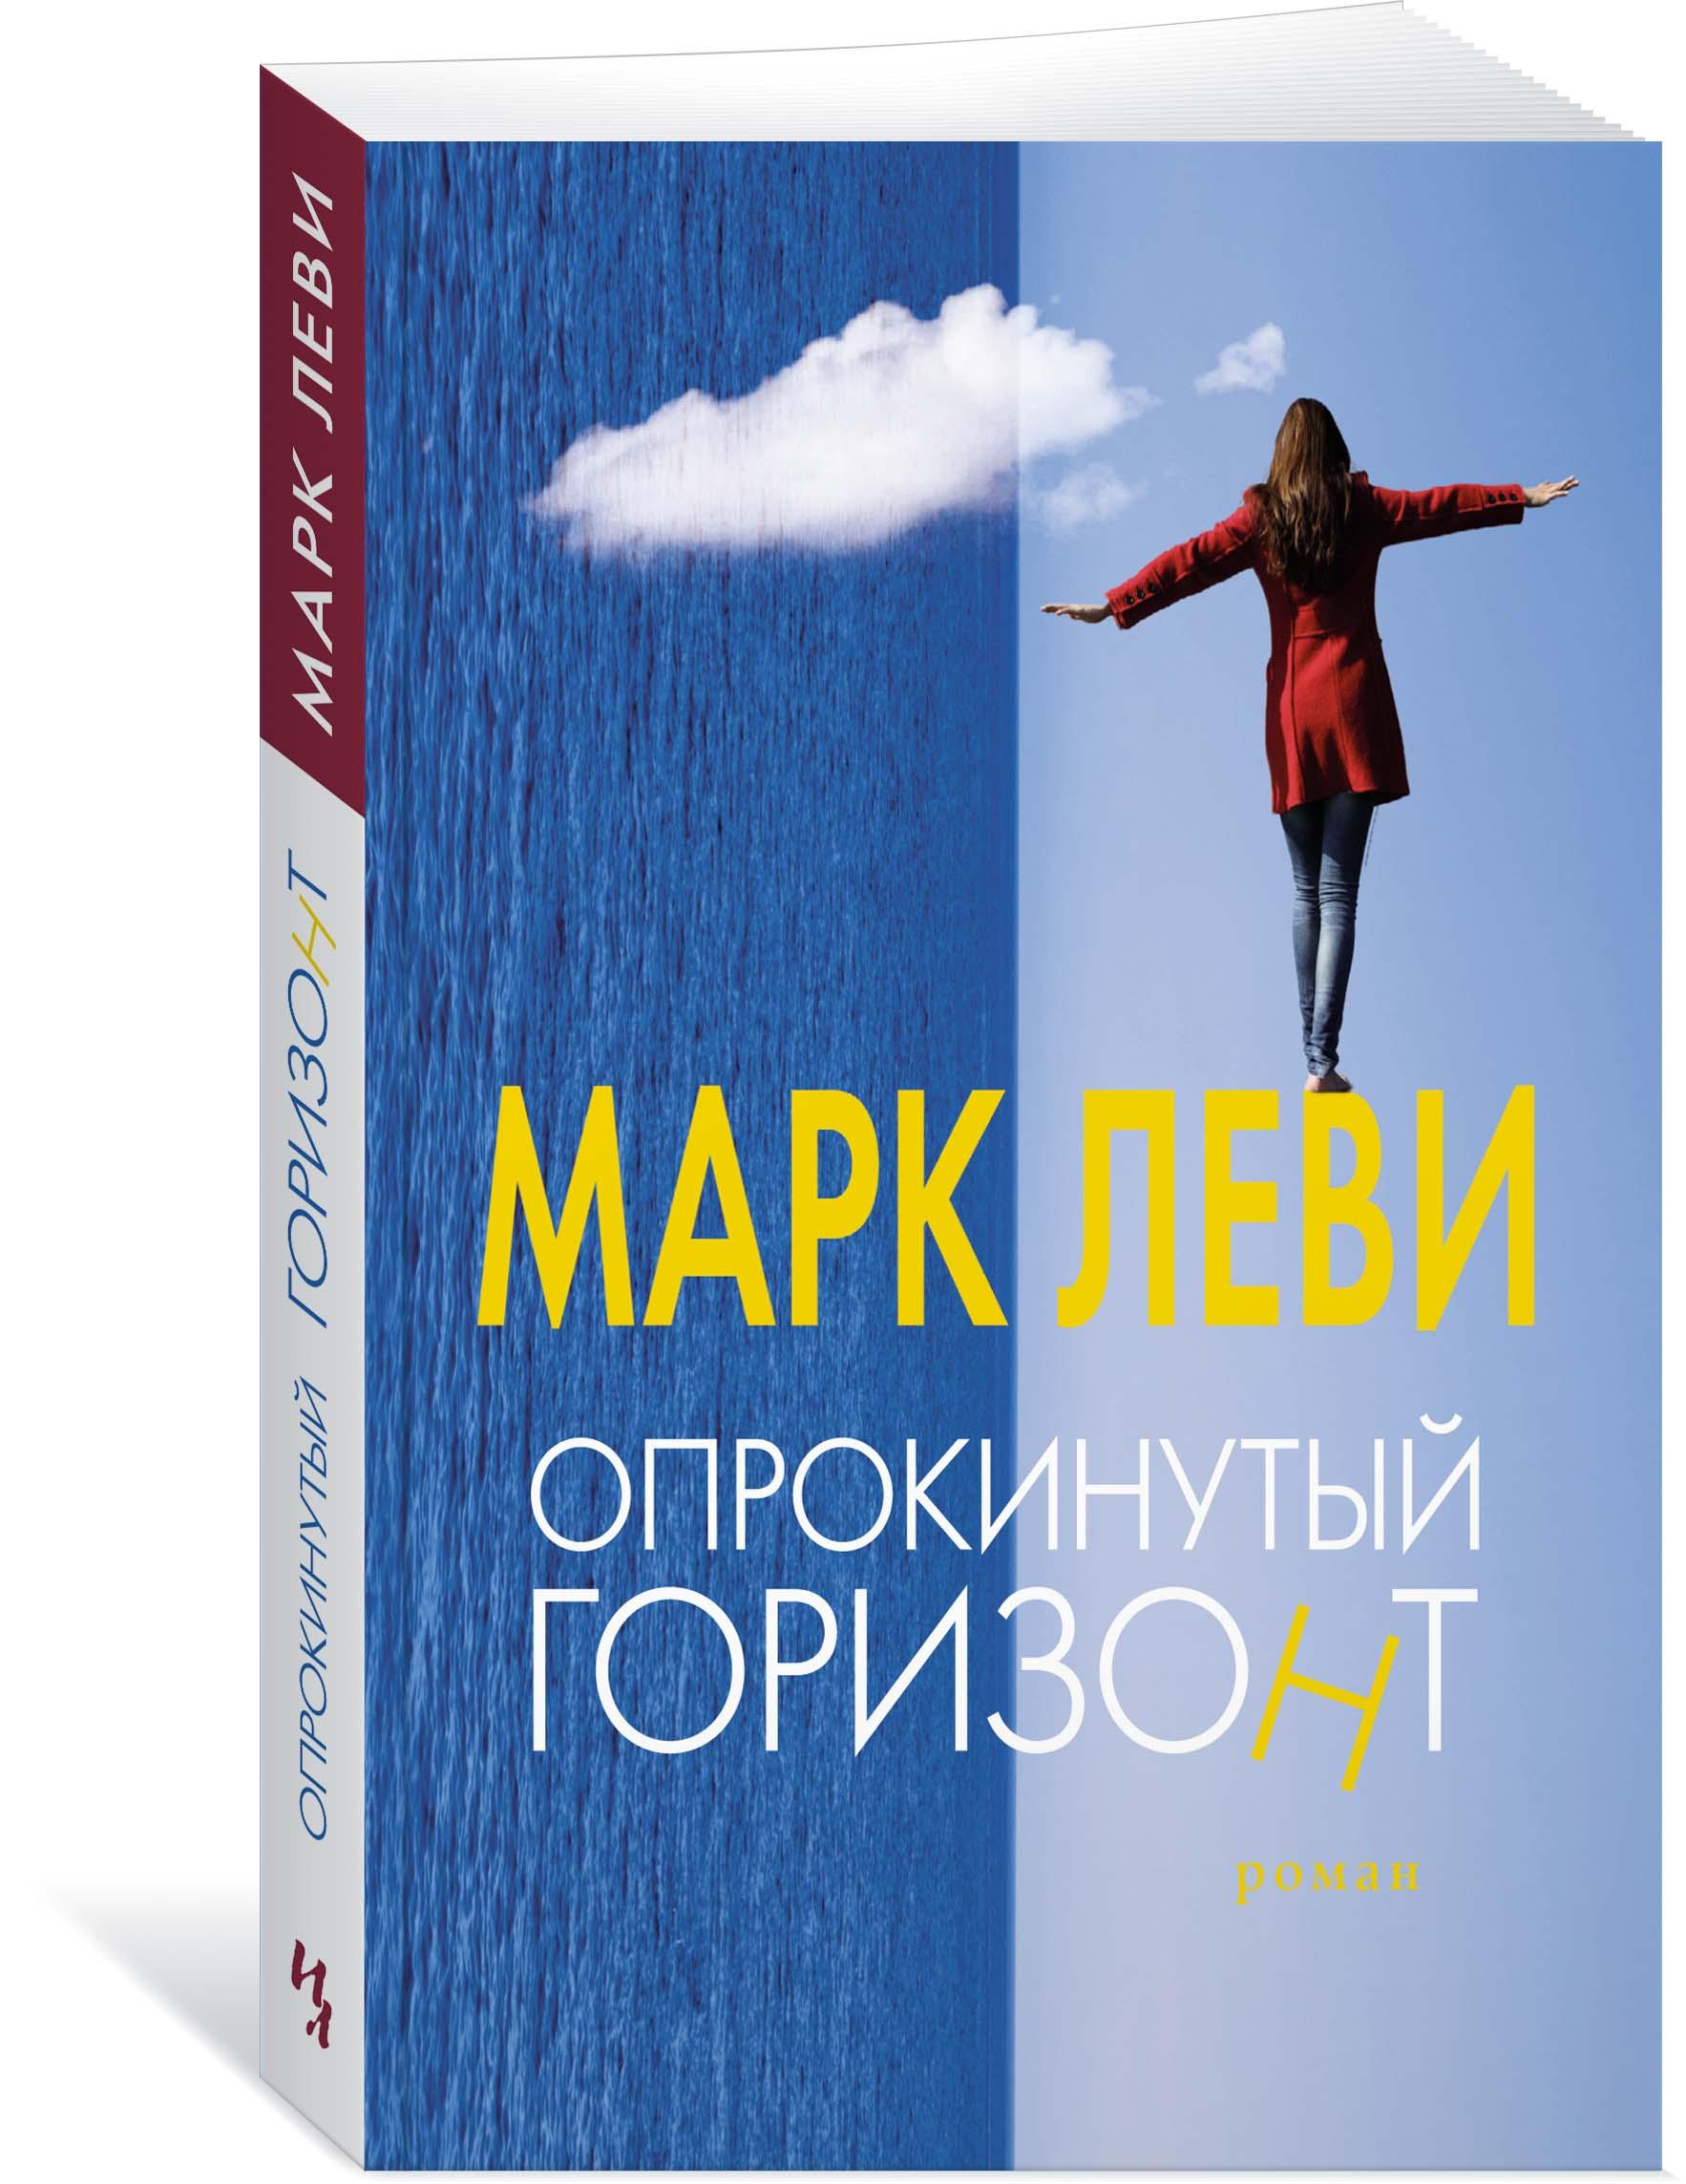 Марк Леви Опрокинутый горизонт примо леви канувшие и спасенные